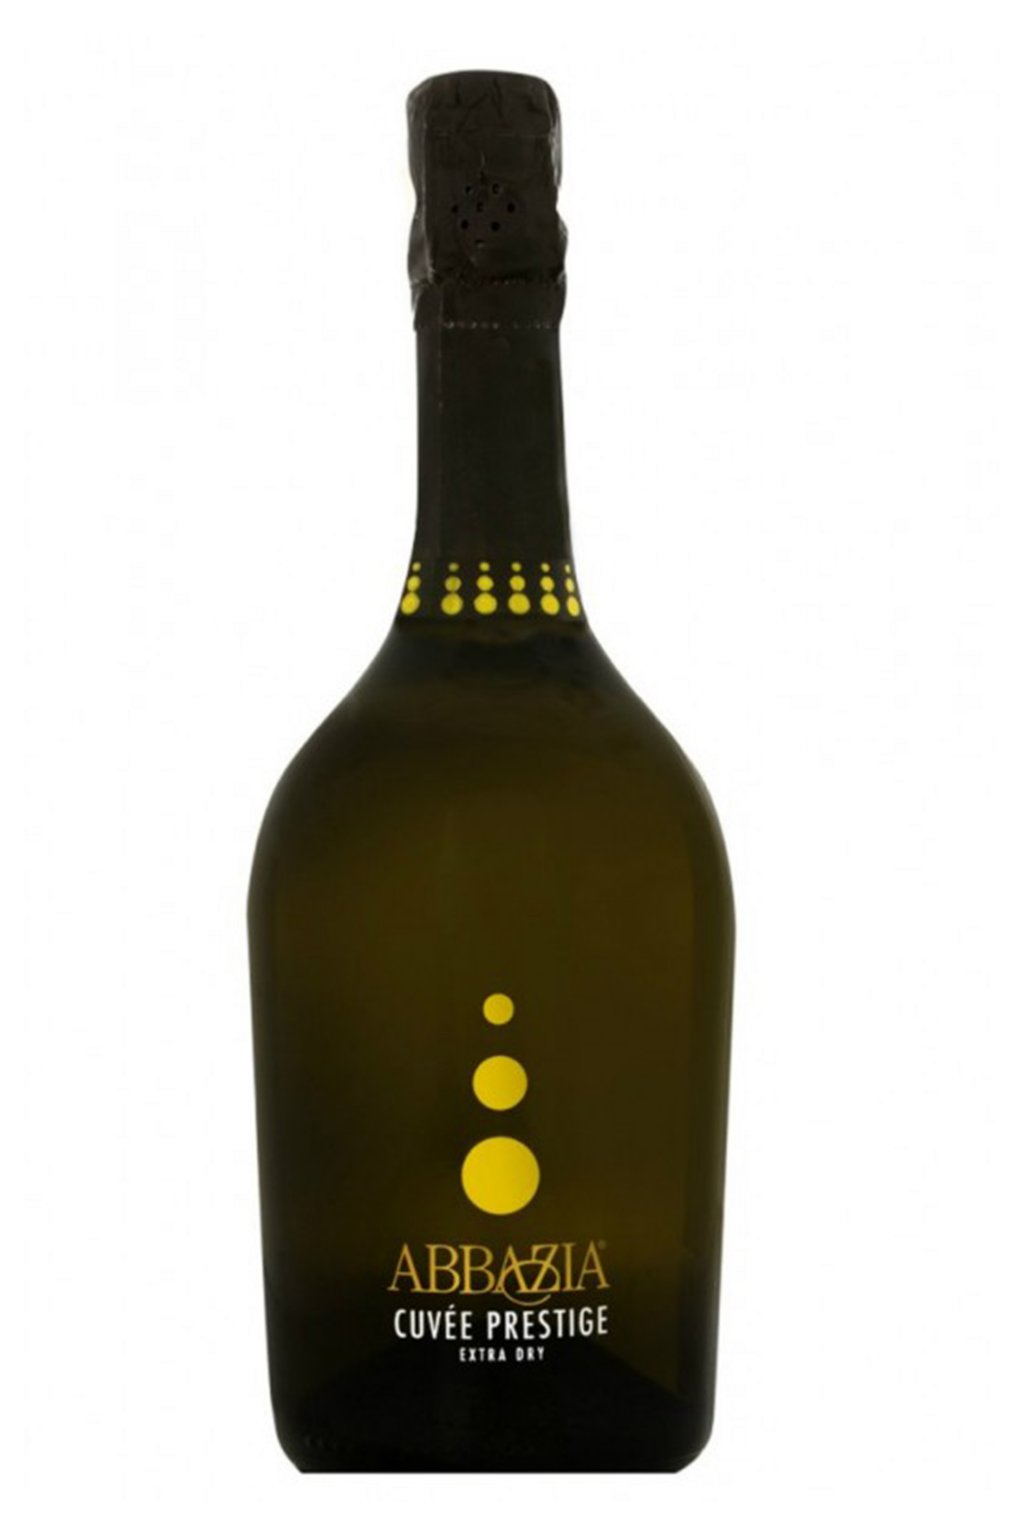 Abbazia